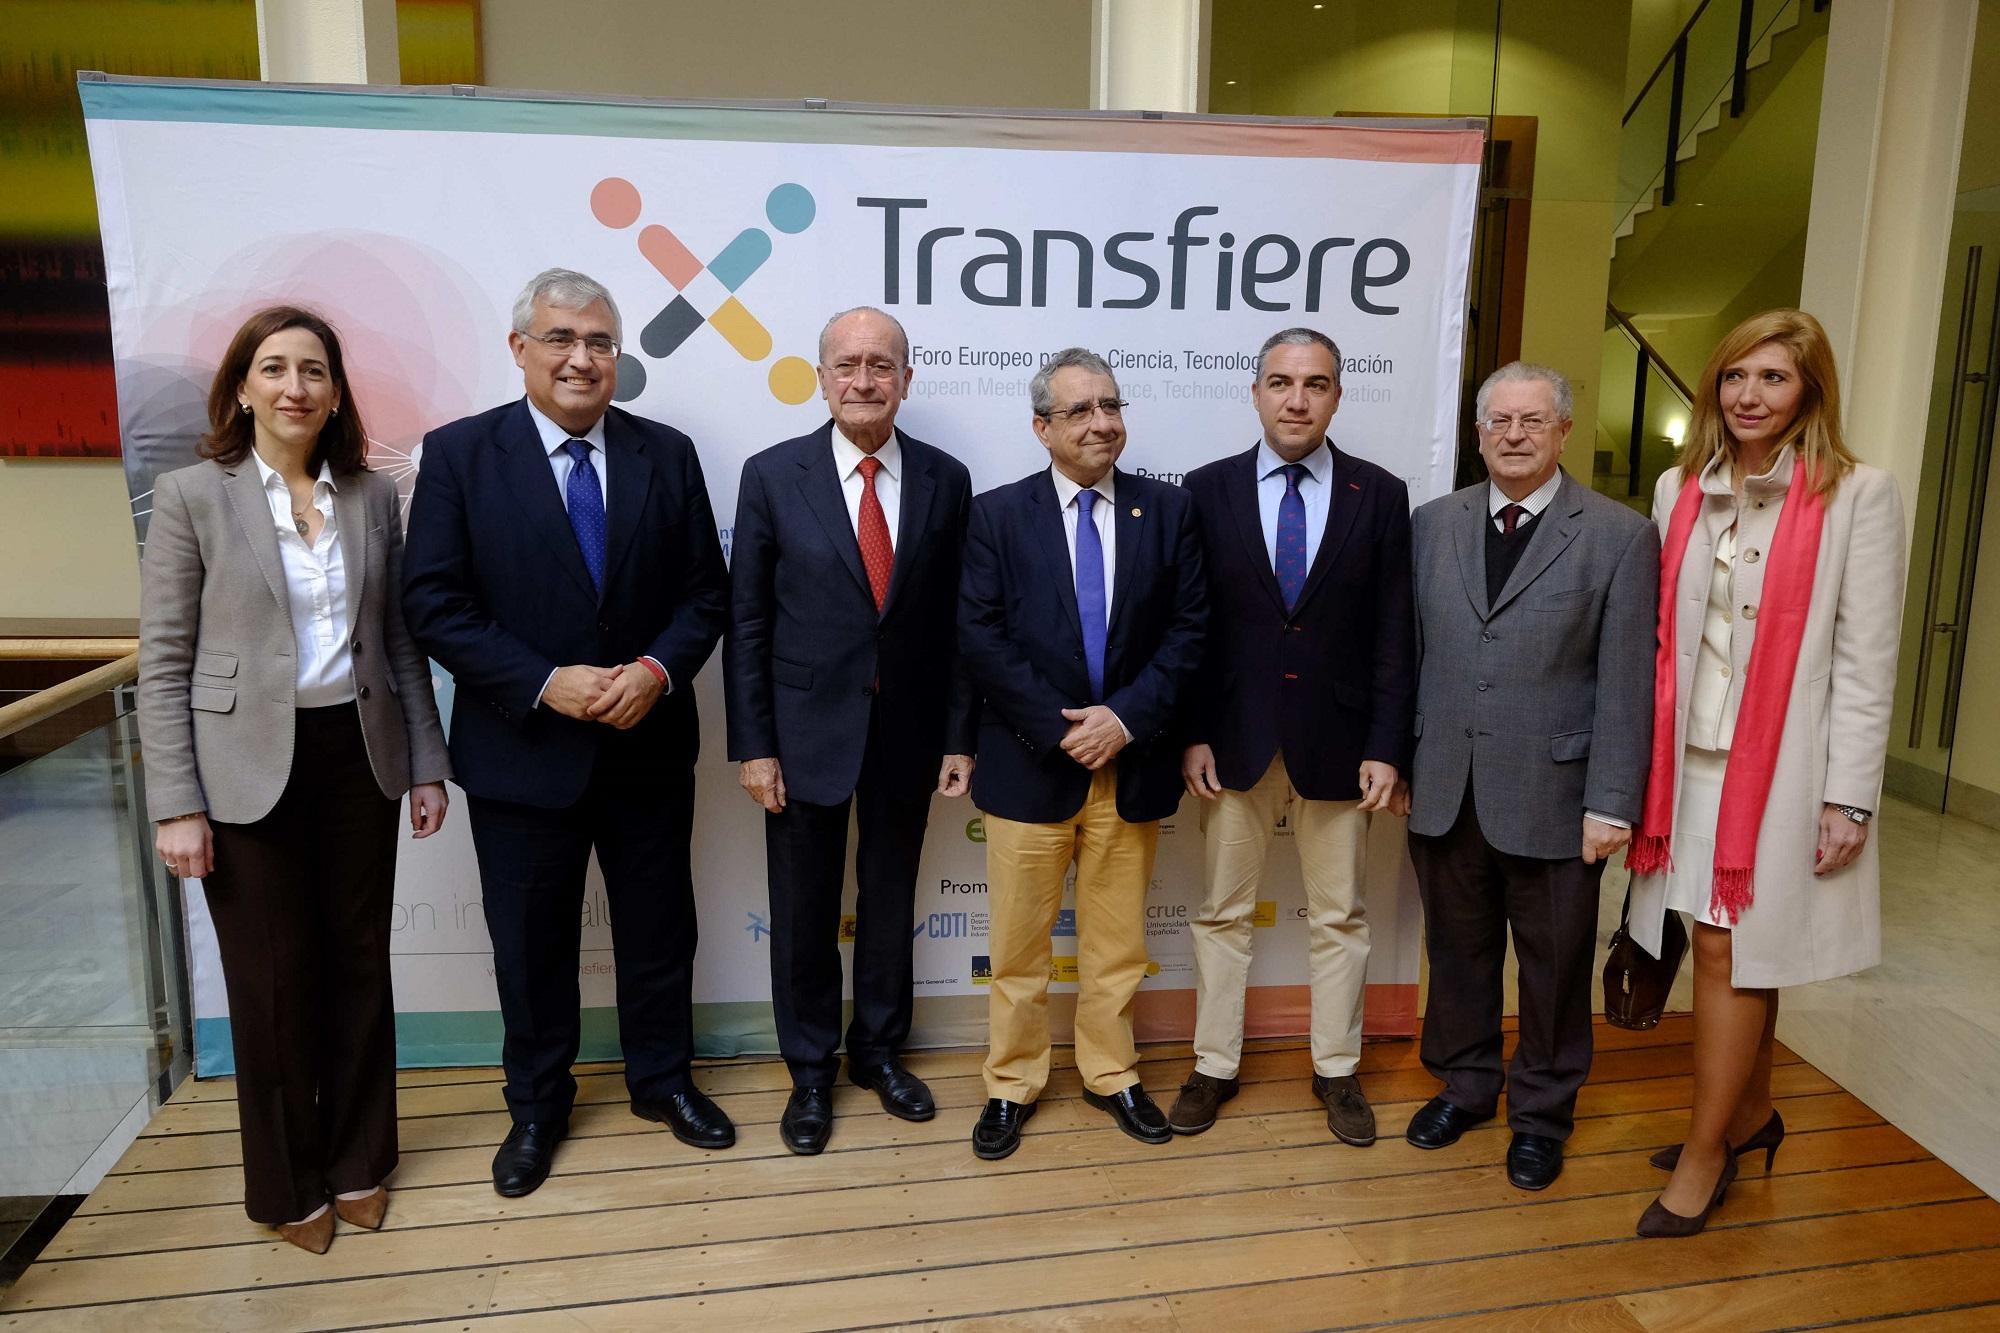 Compra pública de innovación, financiación y modelos de contratos de transferencia en la sexta edición de Transfiere